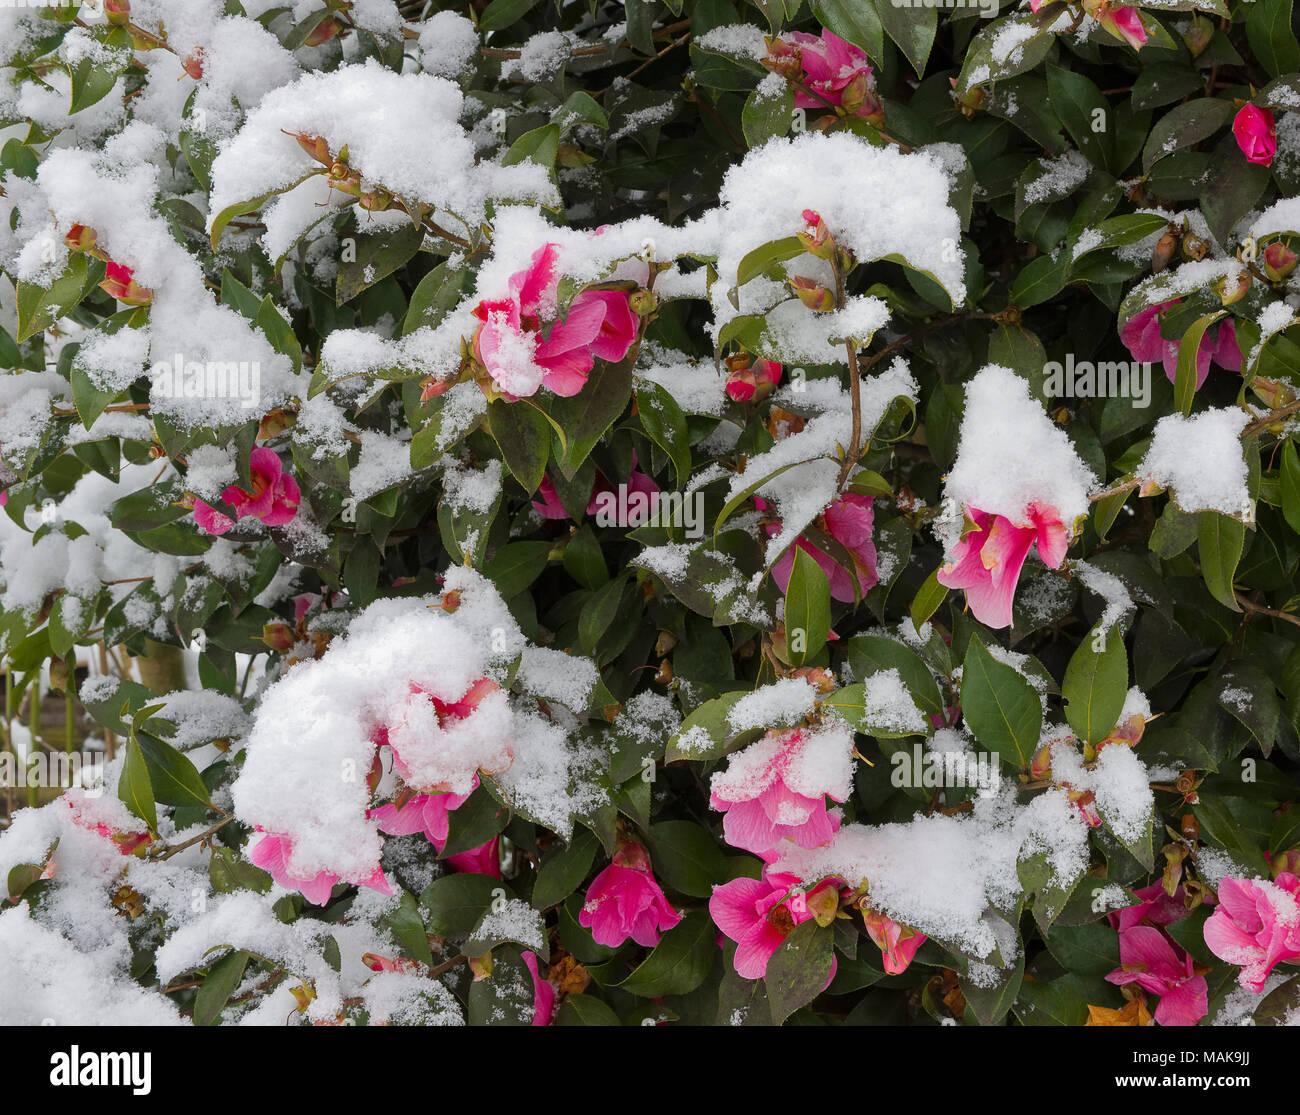 Fiori Arbusto Primavera Rosa Fucsia: Fiori ad uncinetto in giallo viola rosa e fucsia. Il mondo ...